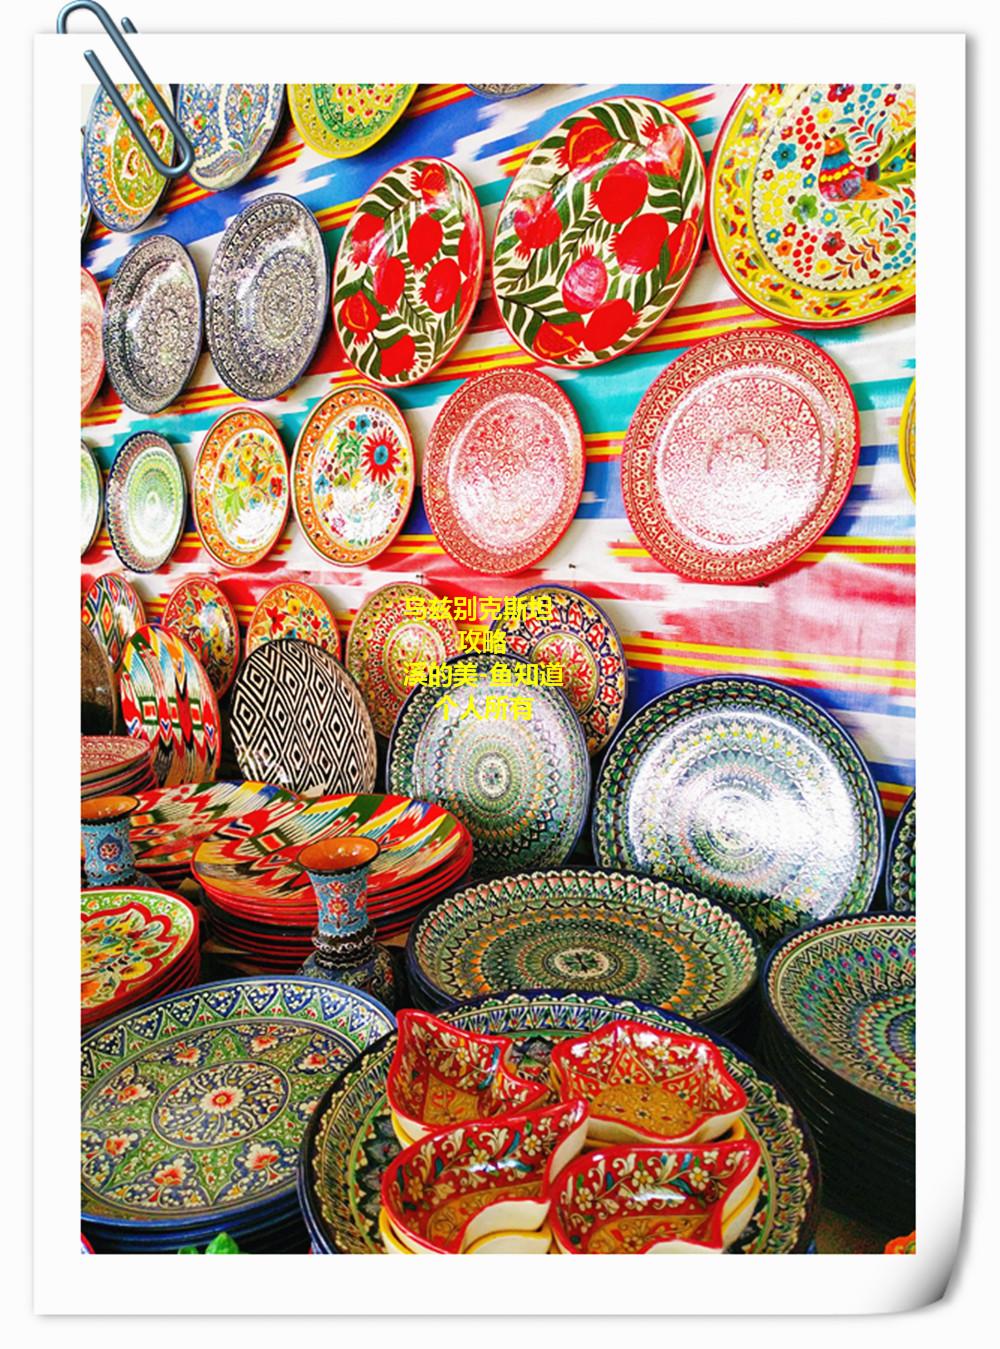 乌兹别克斯坦 — 塔什干,奥林匹克荣誉博物馆 + 阿克塞隆俱乐部 + 阿里舍尔……!_游记